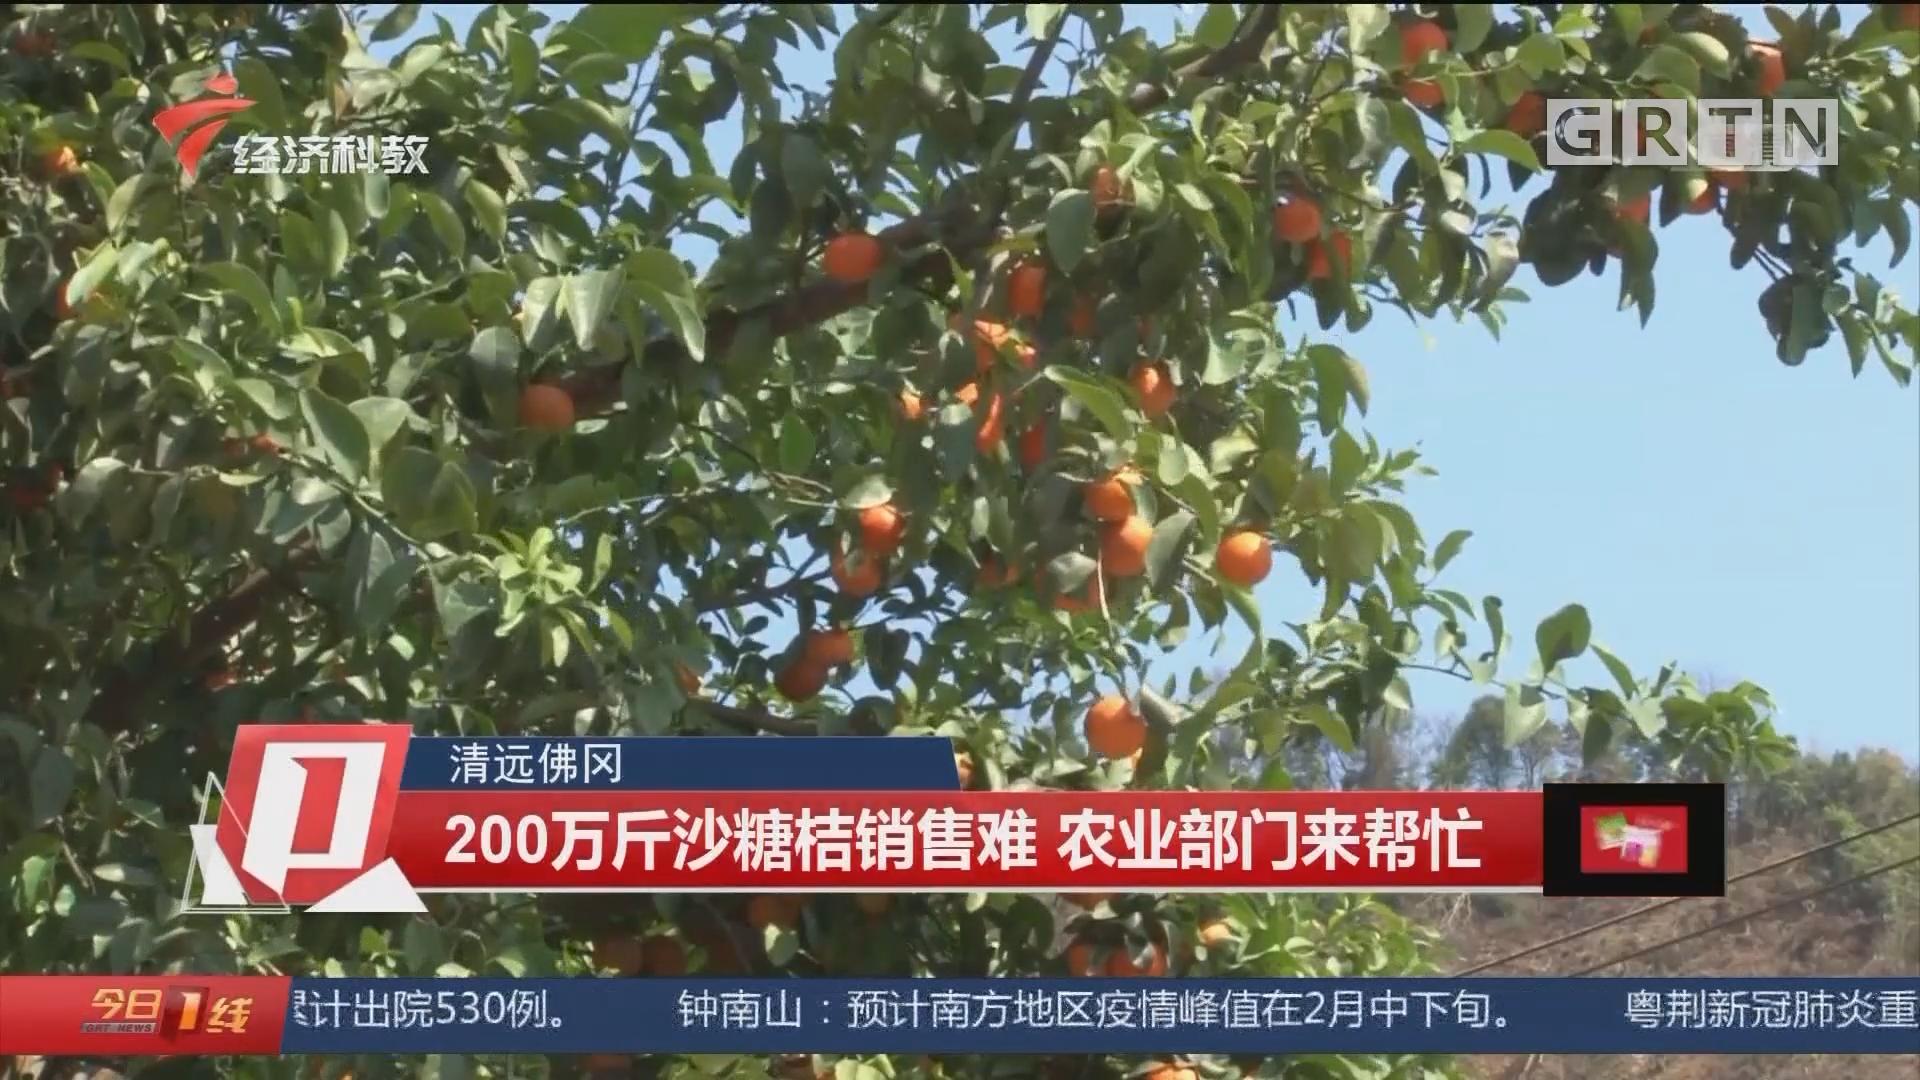 清远佛冈:200万斤沙糖桔销售难 农业部门来帮忙